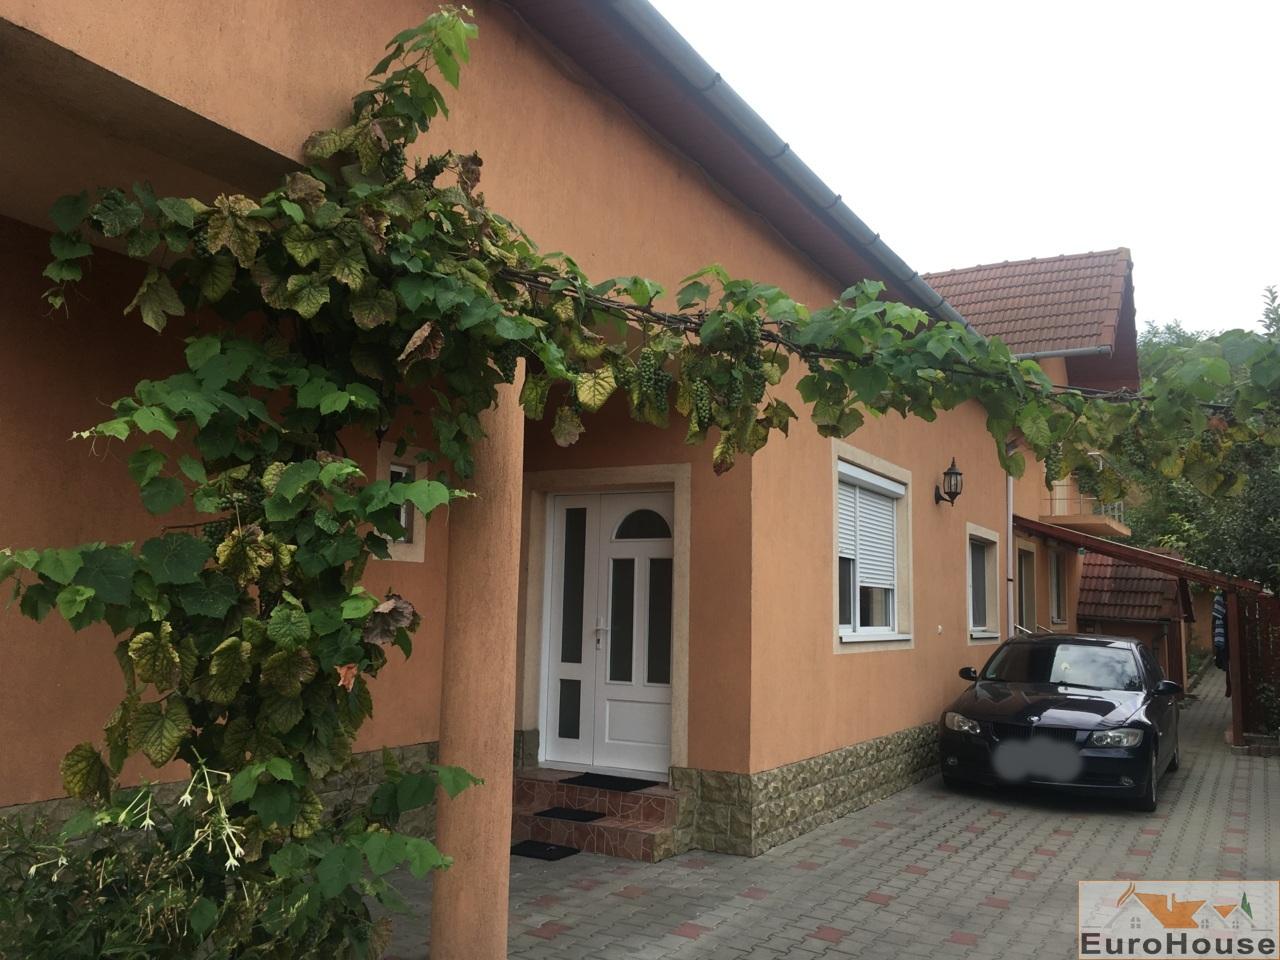 Casa de vanzare in Alba Iulia -33707-